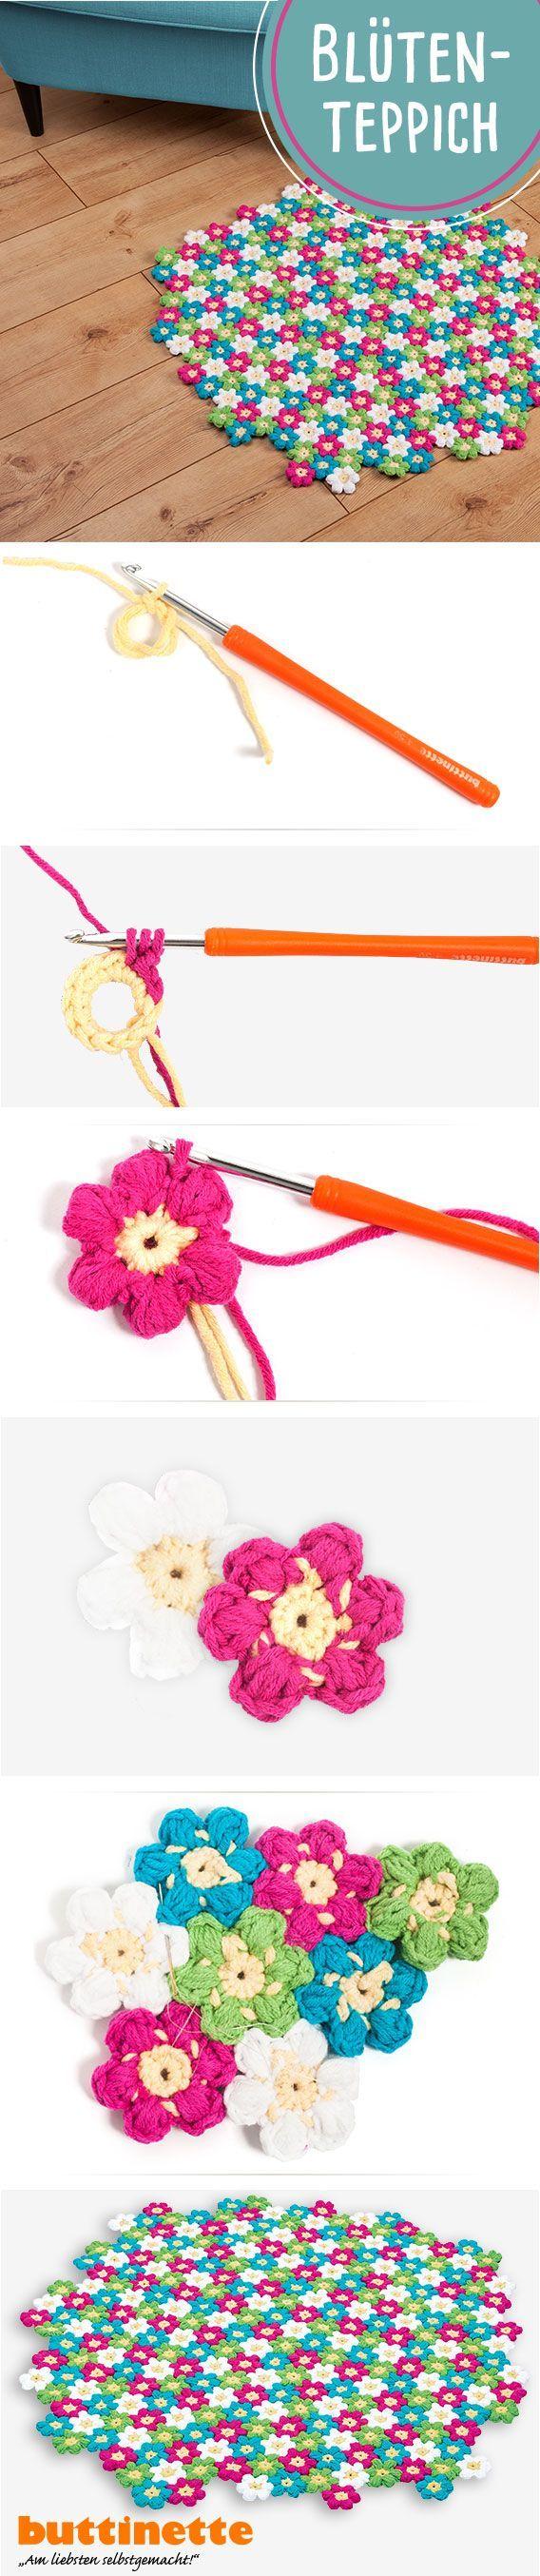 #blüten #Blumen #Blumenteppich #Teppich #häkeln